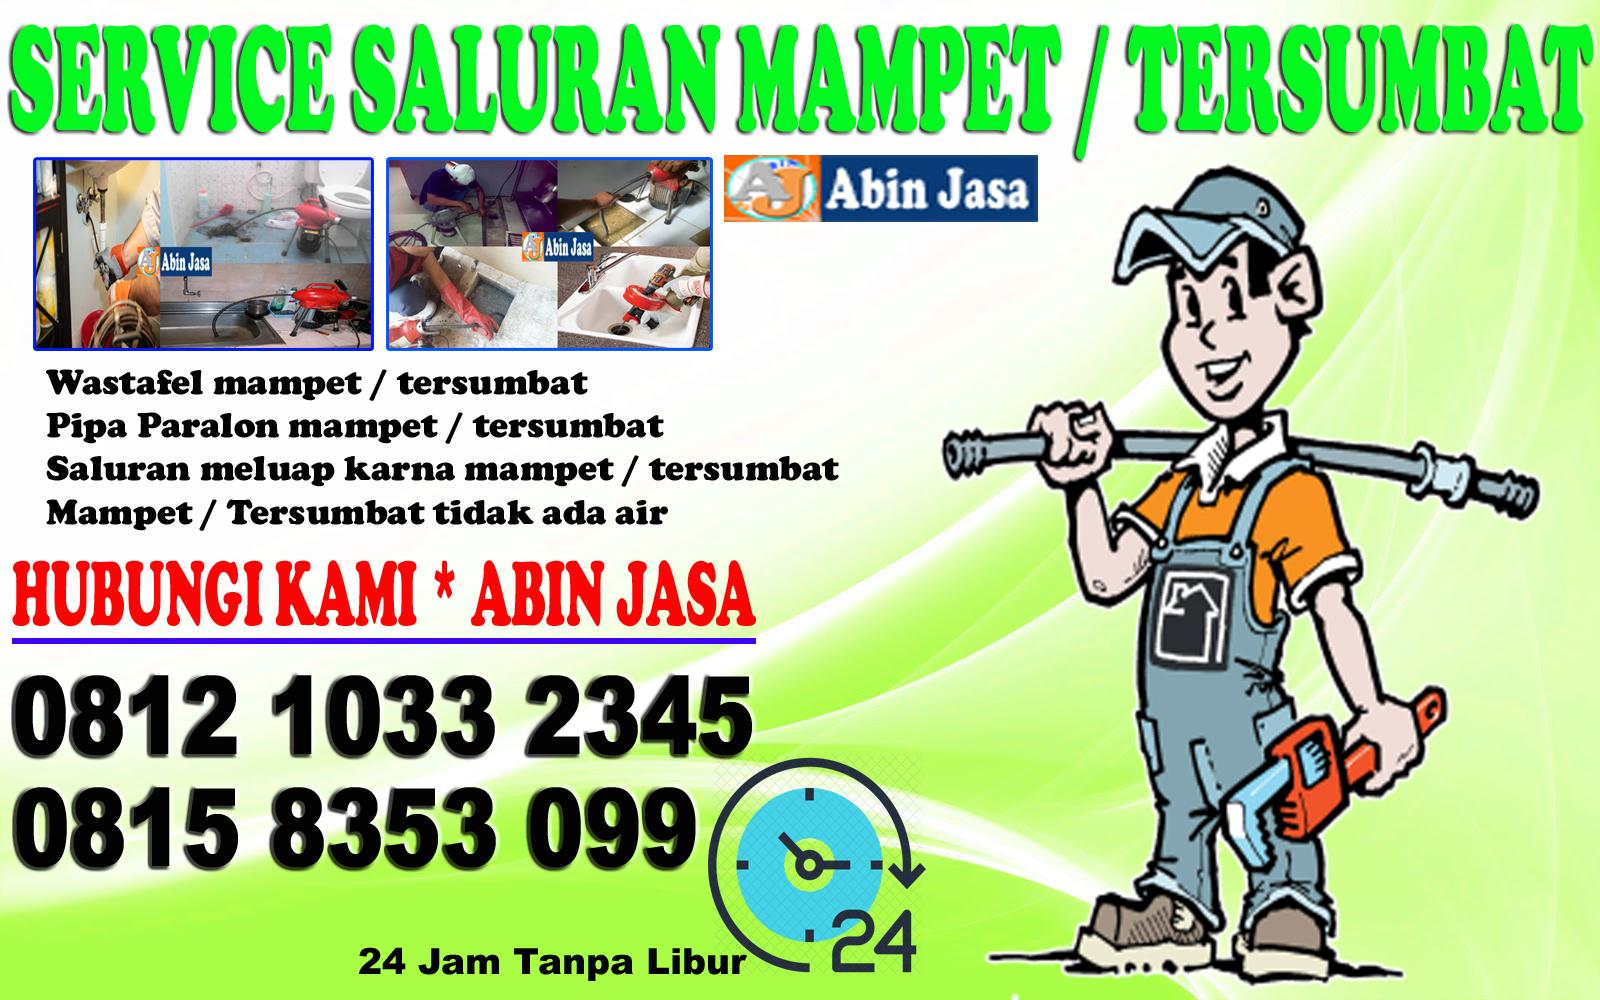 Tukang Ledeng pekayon, Jasa Pelancar Saluran Mampet 08158353099